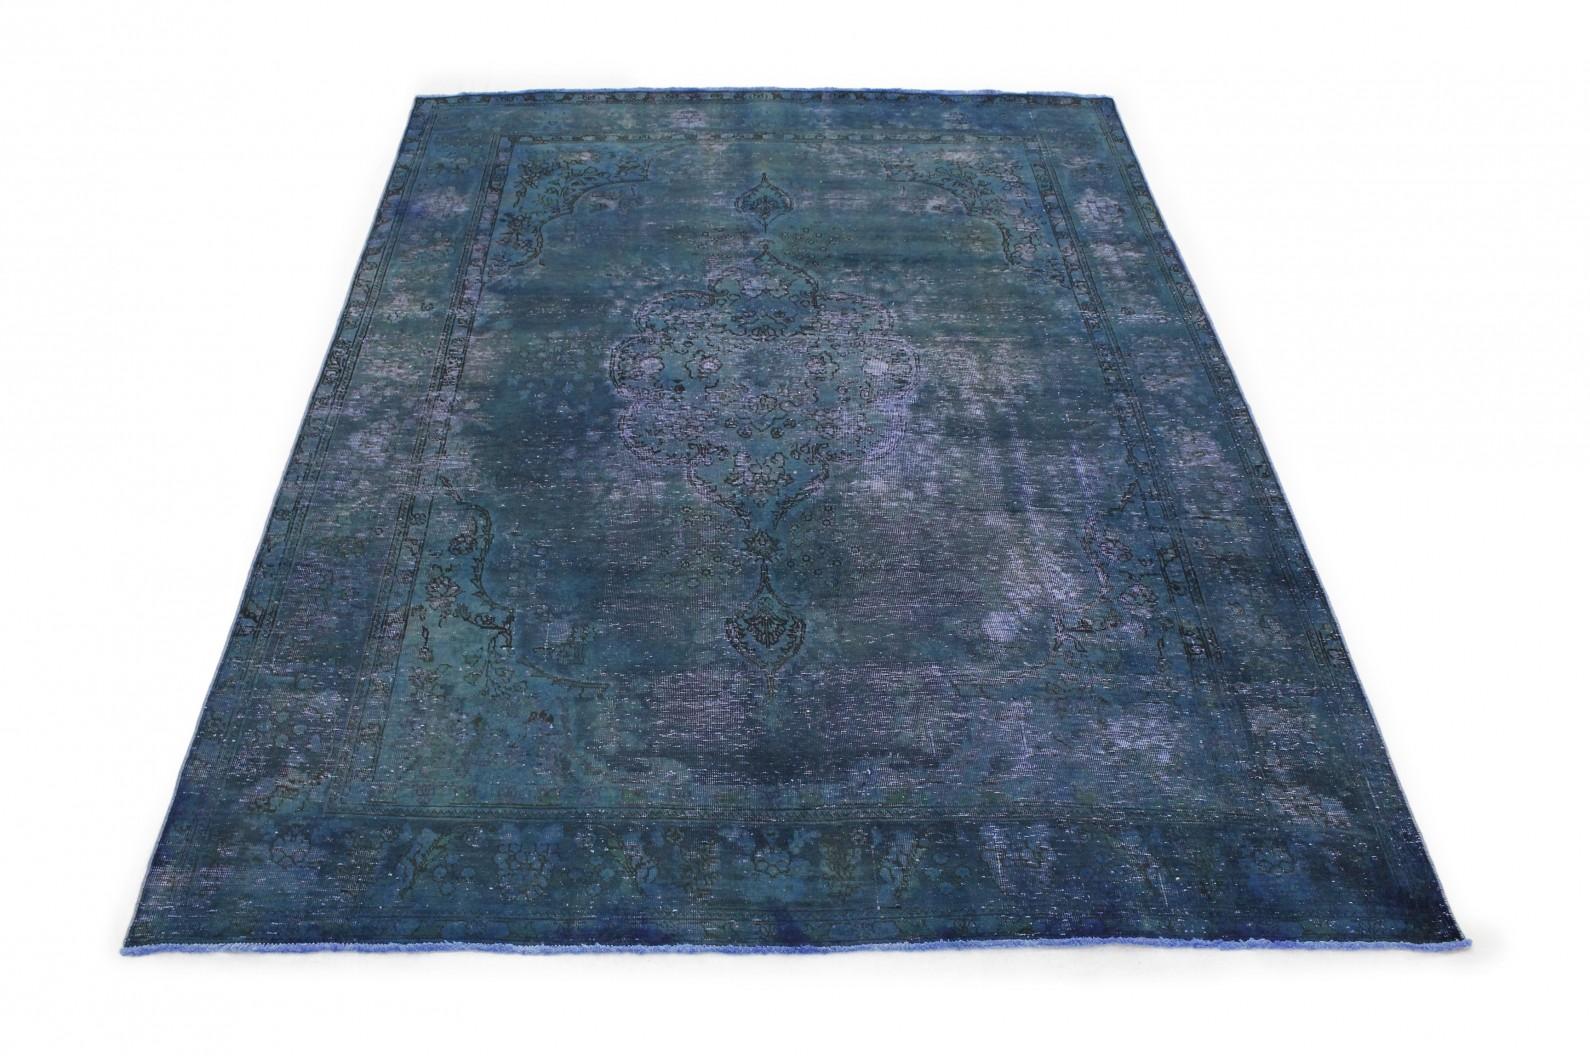 vintage teppich blau in 340x250 1001 177251 bei kaufen. Black Bedroom Furniture Sets. Home Design Ideas